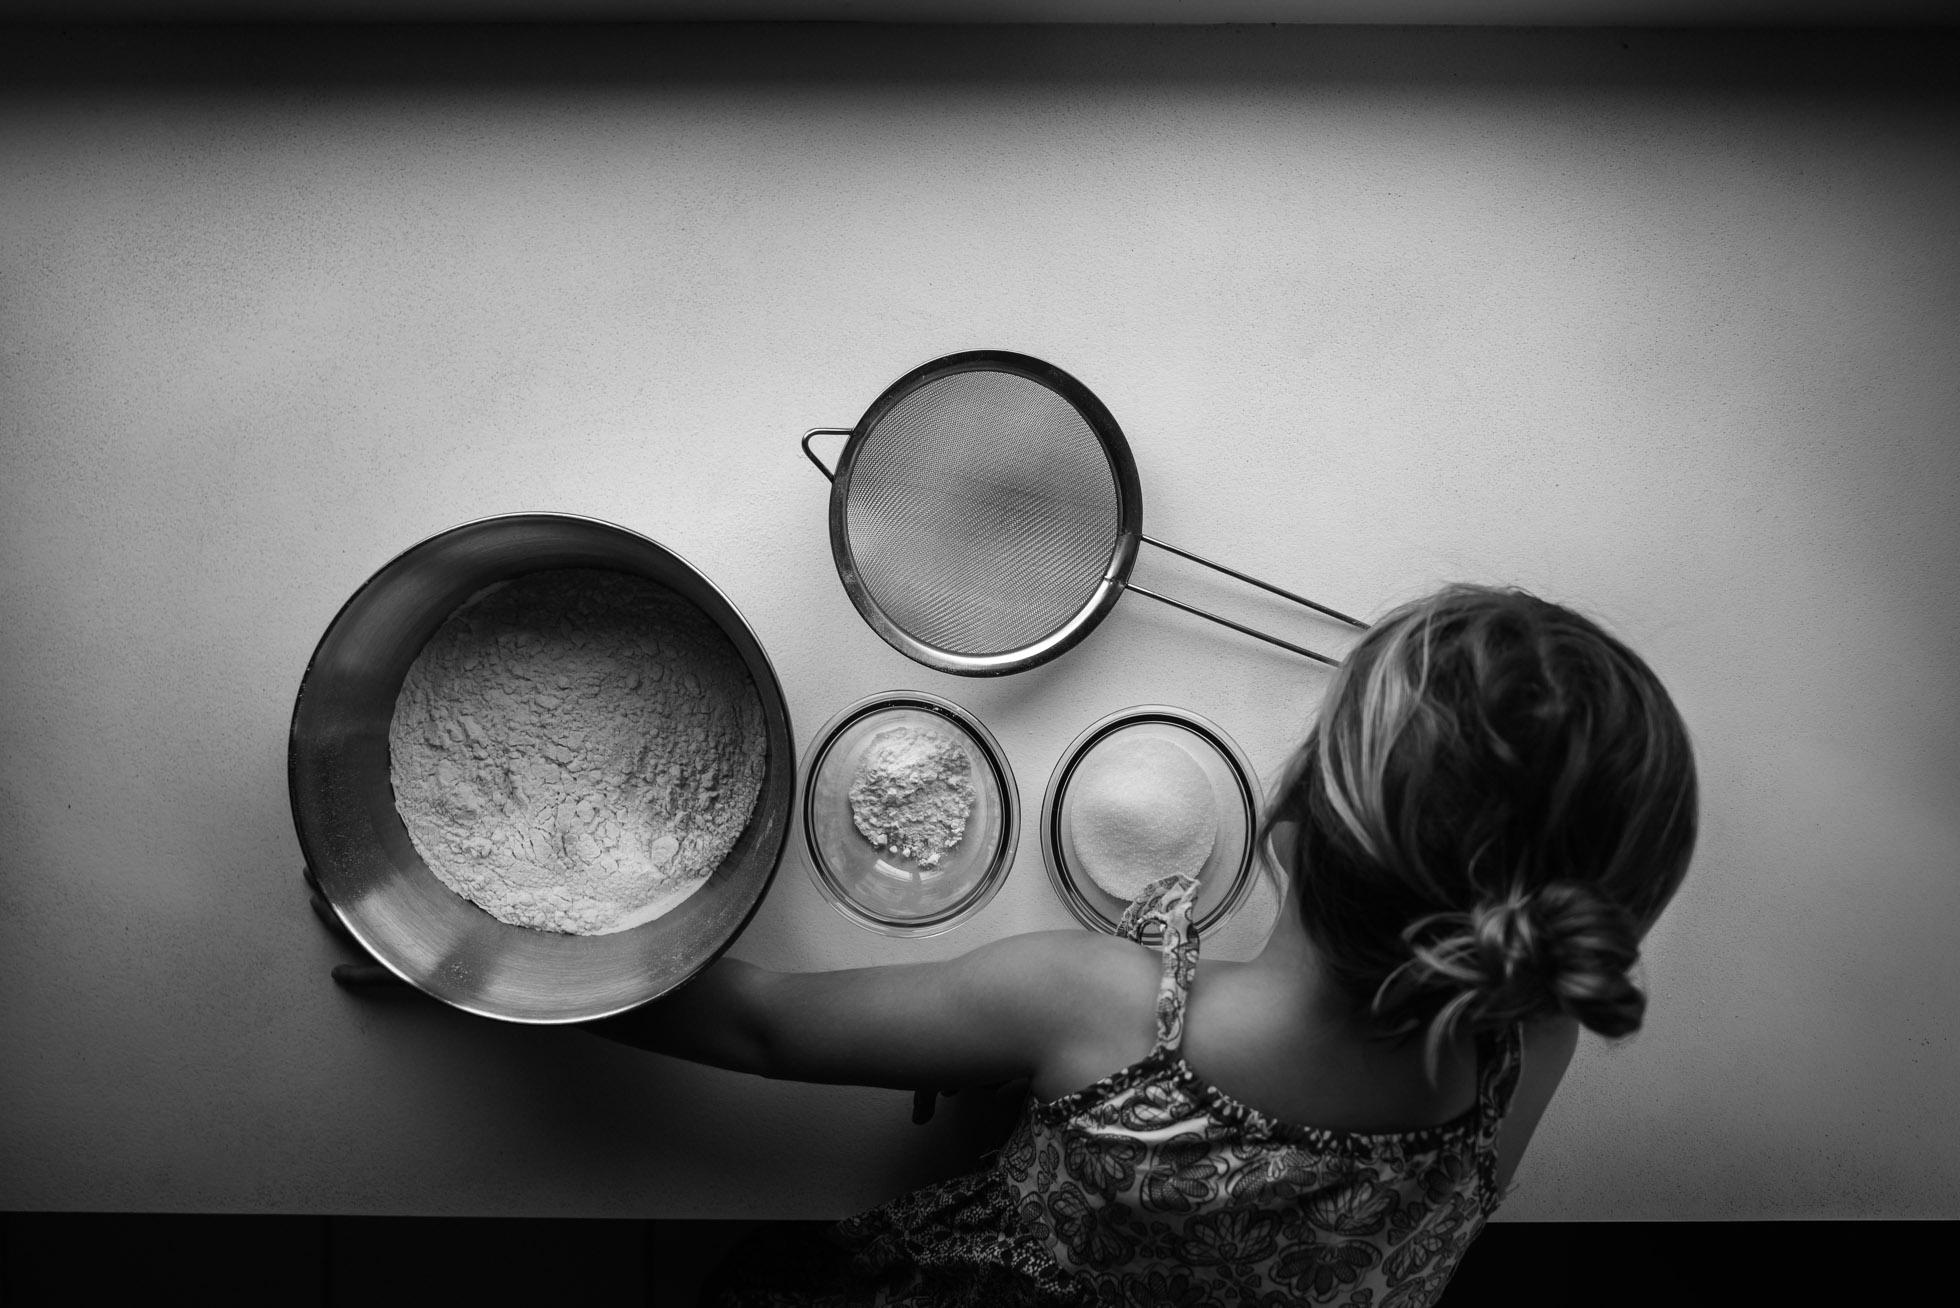 preparing pan cakes